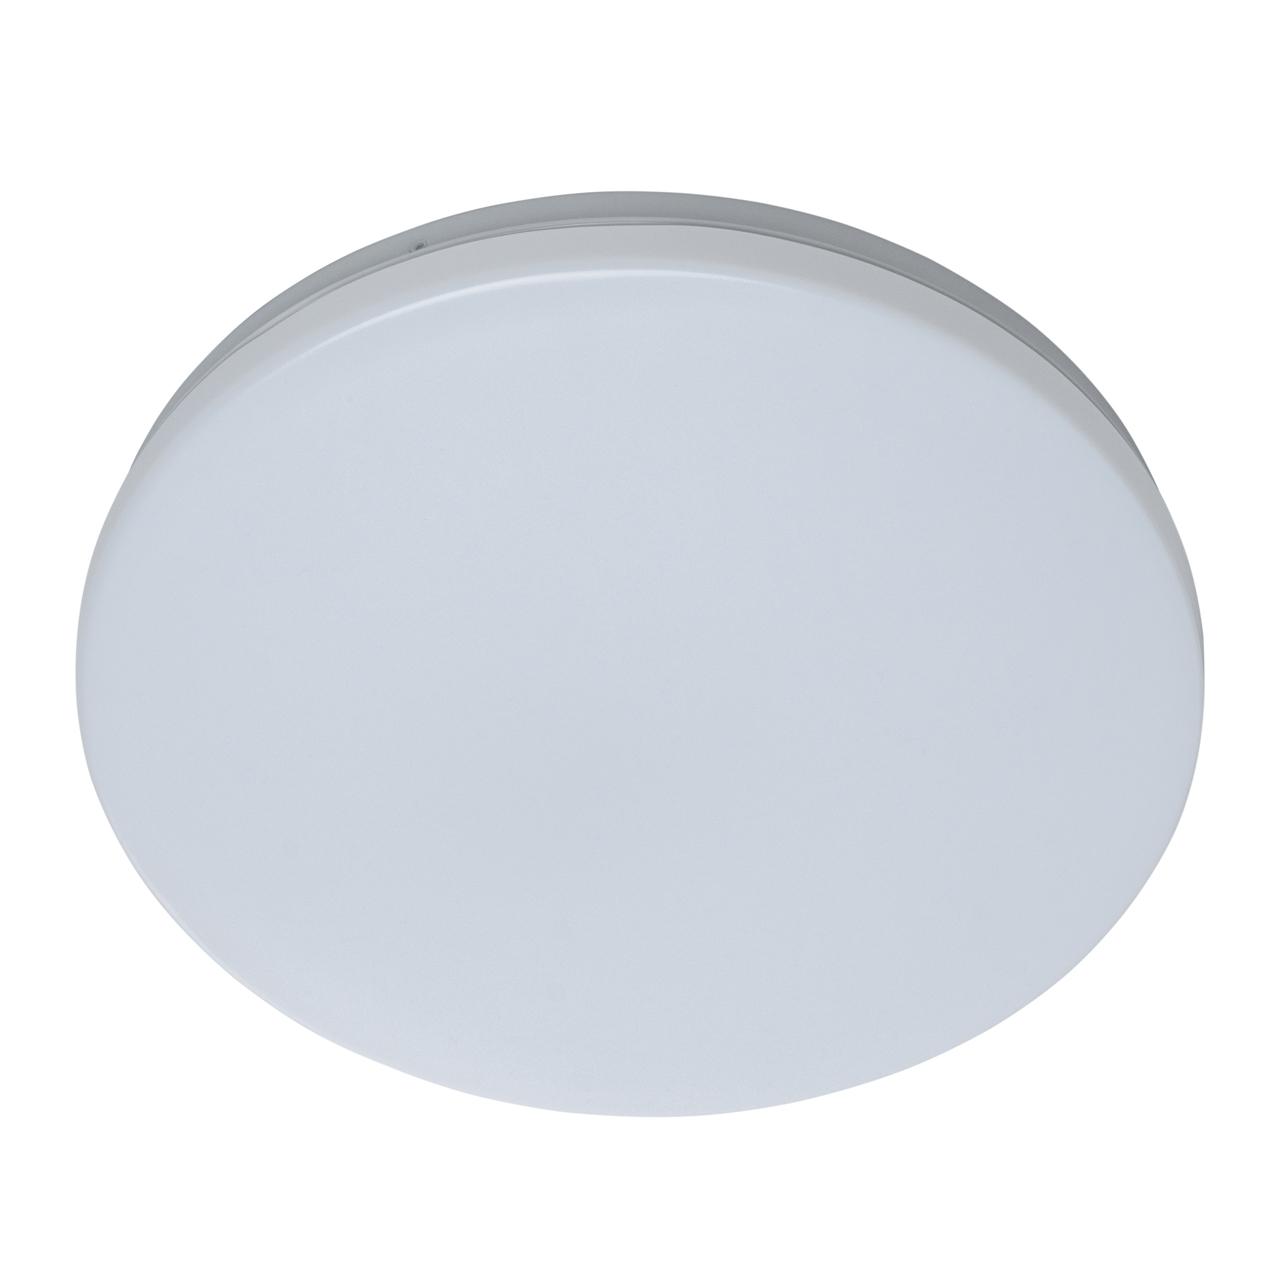 Потолочный светодиодный светильник De Markt Ривз 674017401, LED 14W 3000K (теплый), белый, металл, пластик - фото 2